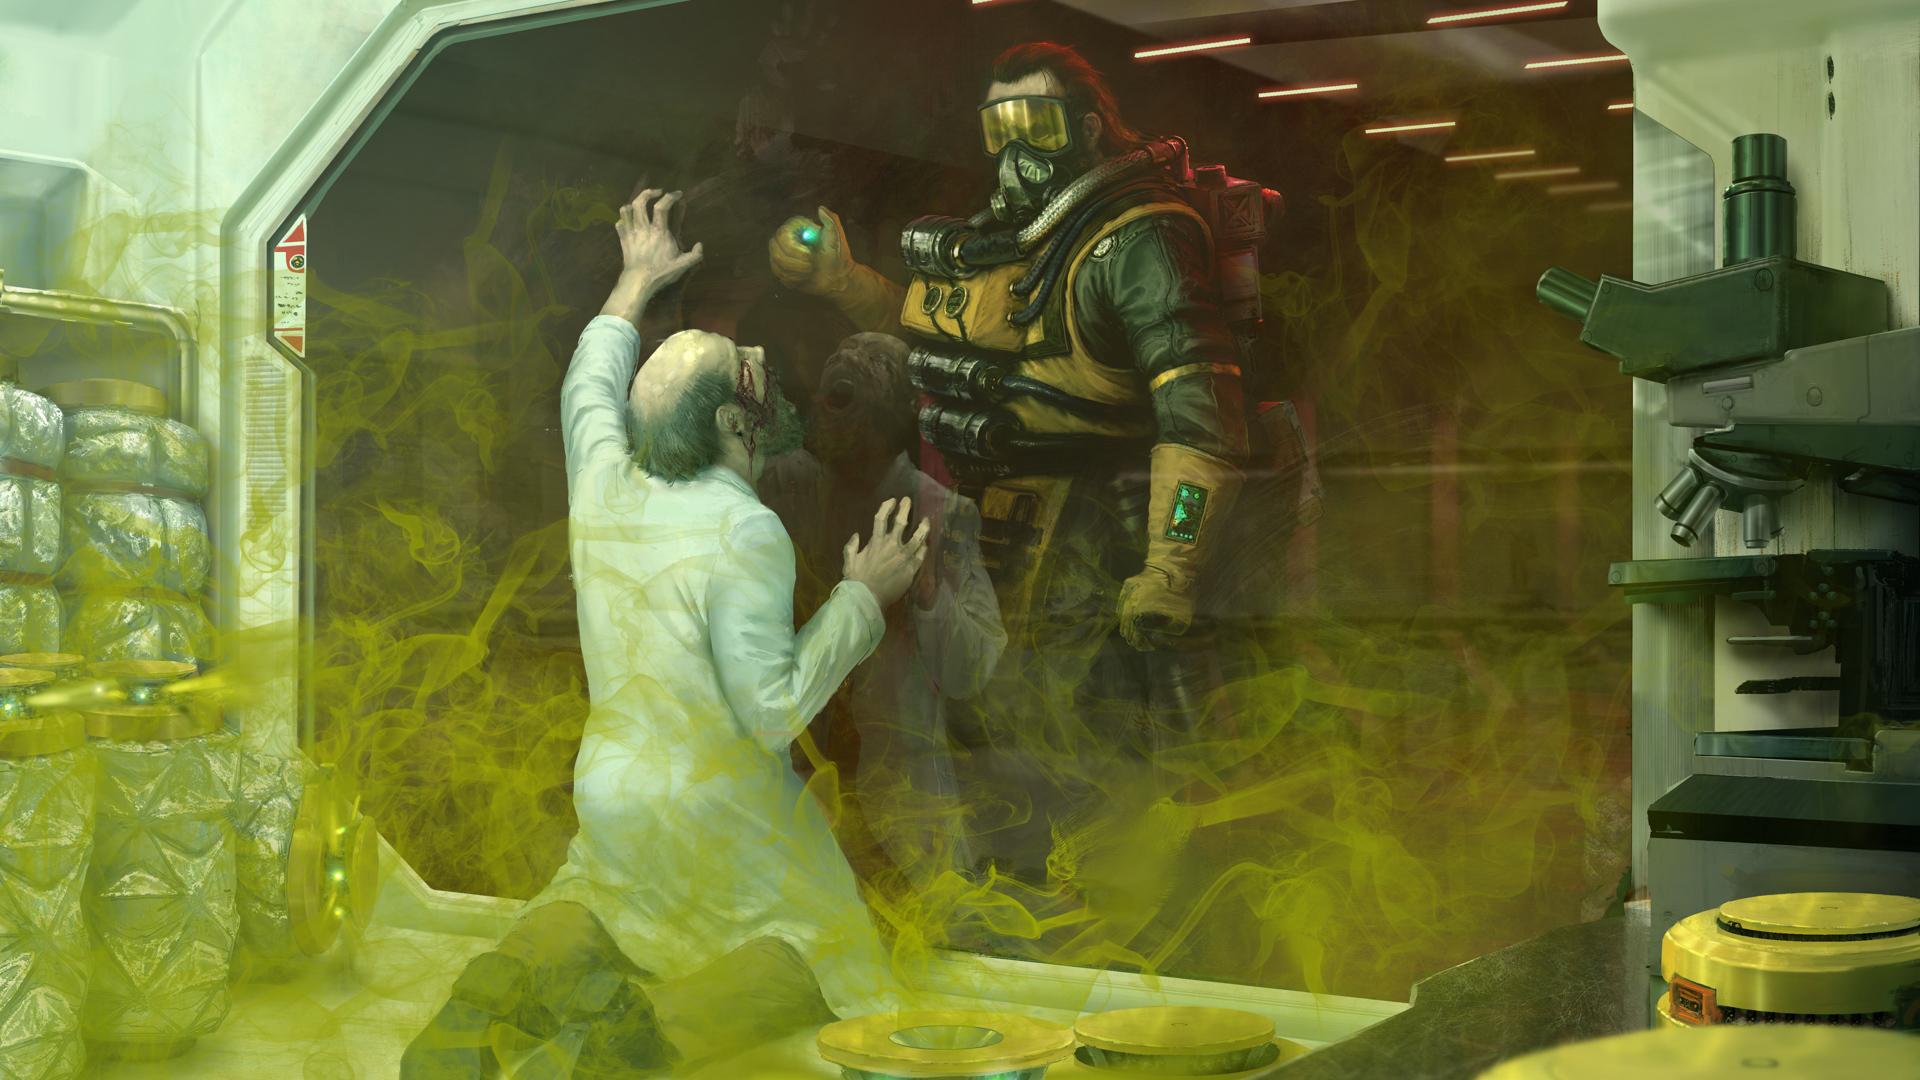 Caustic using Caustic Gas in Apex Legends artwork